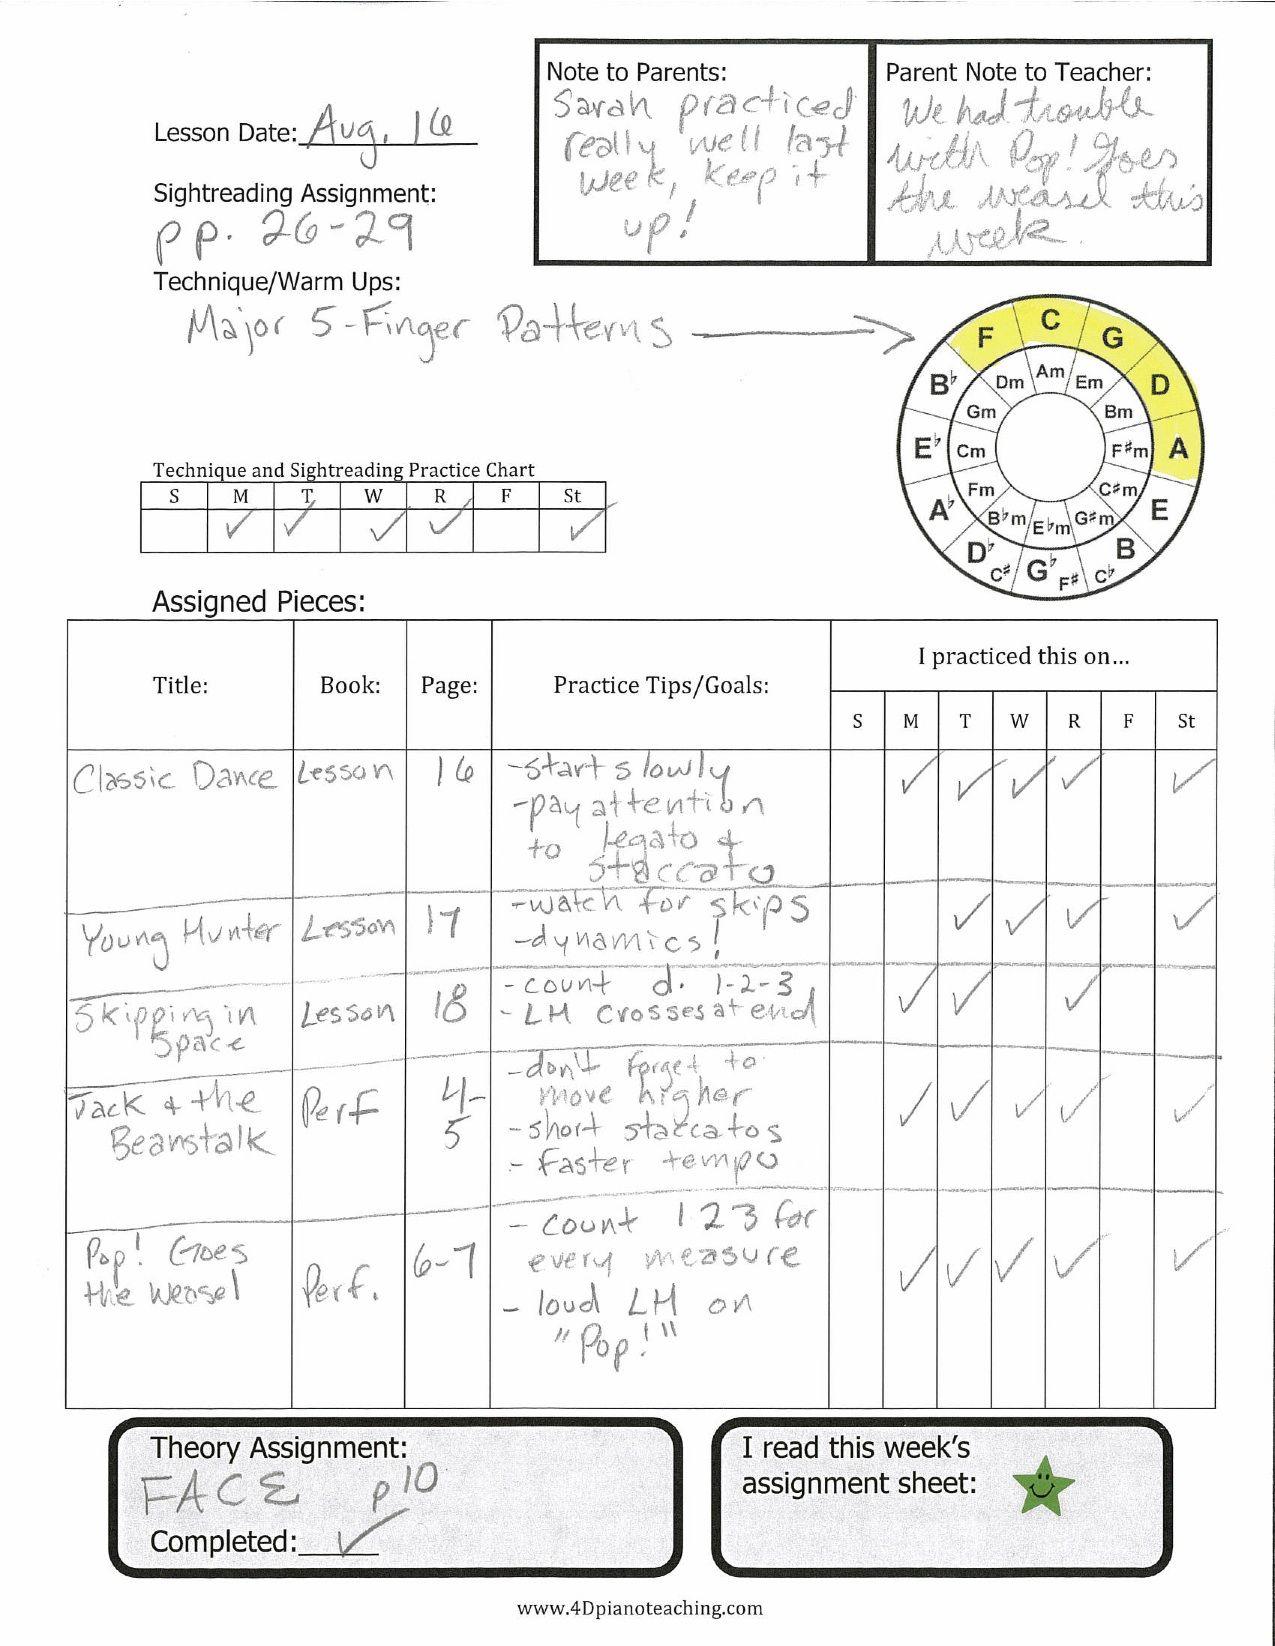 New Assignment Sheet